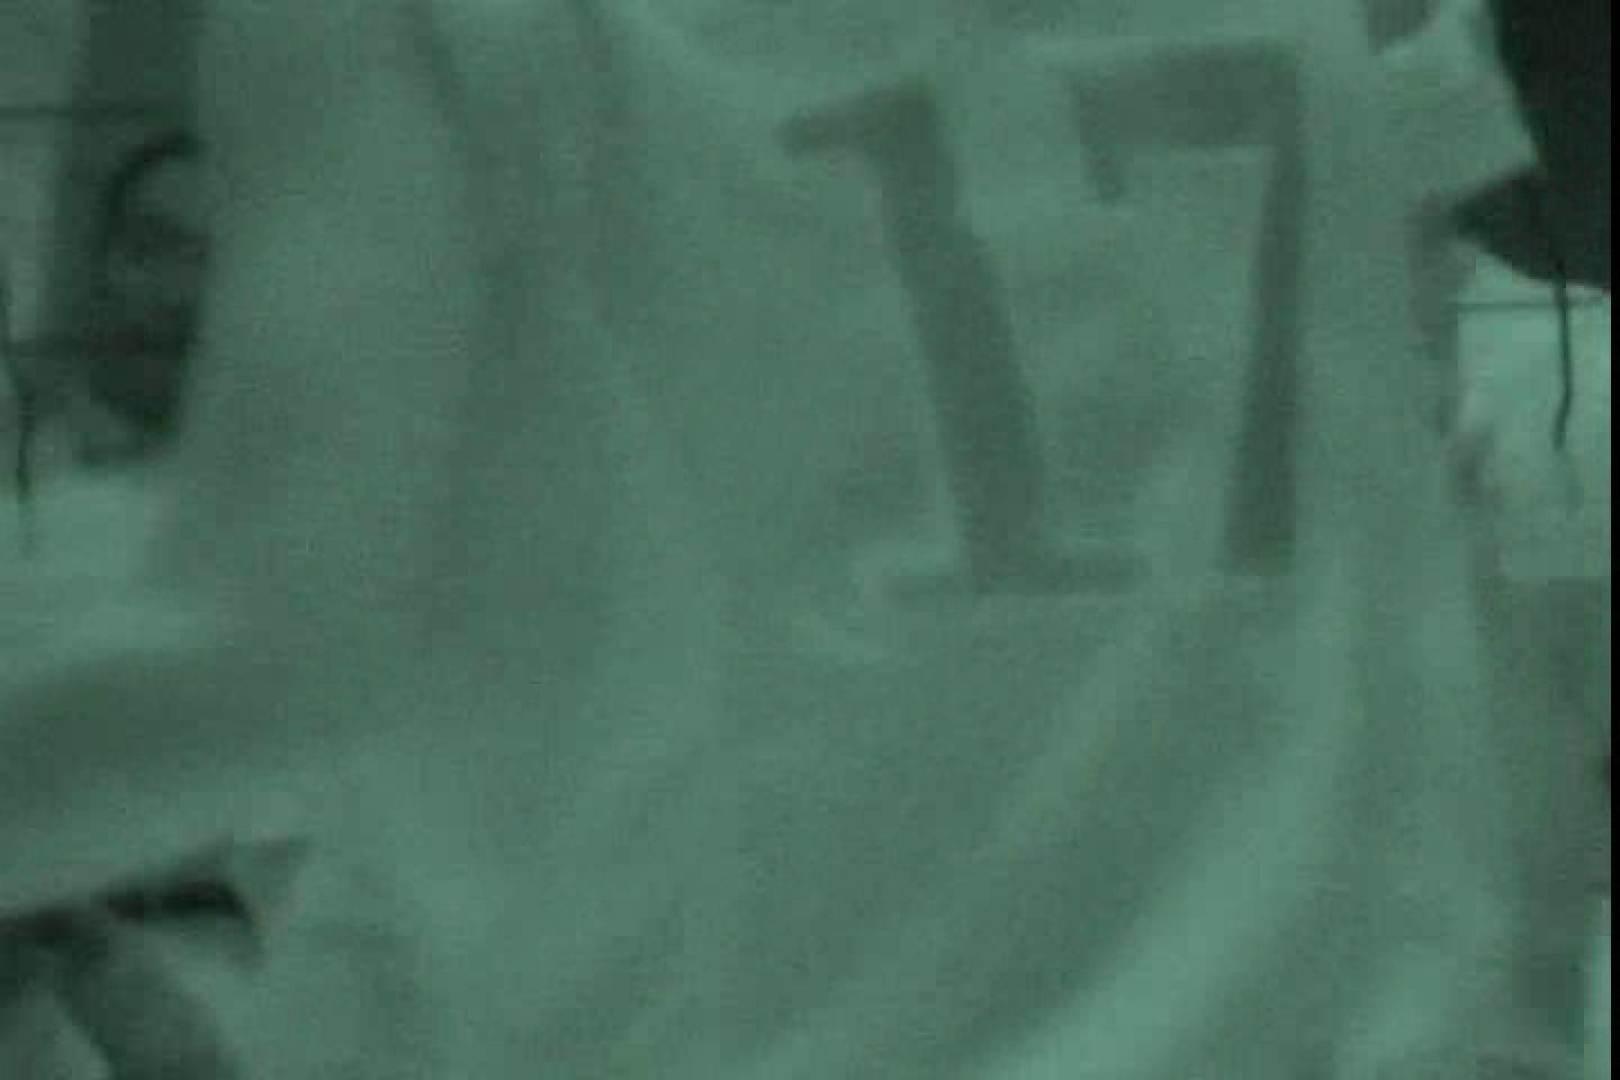 赤外線ムレスケバレー(汗) vol.02 赤外線  103PIX 46